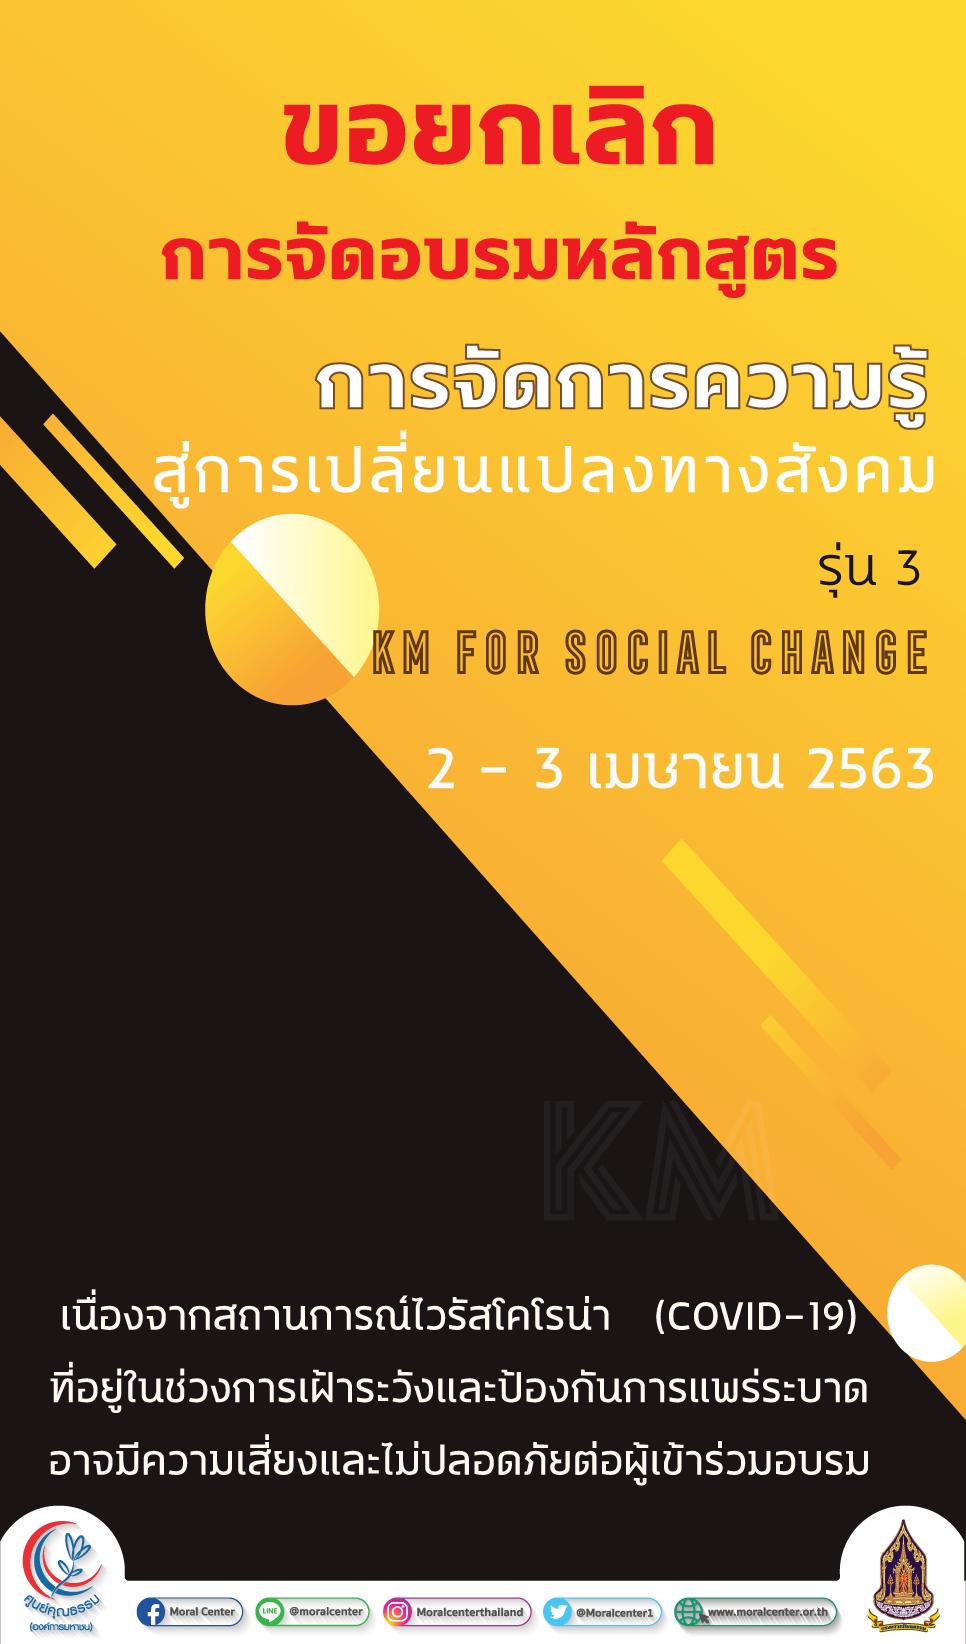 ยกเลิกการอบรมหลักสูตร การจัดการความรู้ สู่การเปลี่ยนแปลงทางสังคม  (KM for Social Change) รุ่นที่ 3